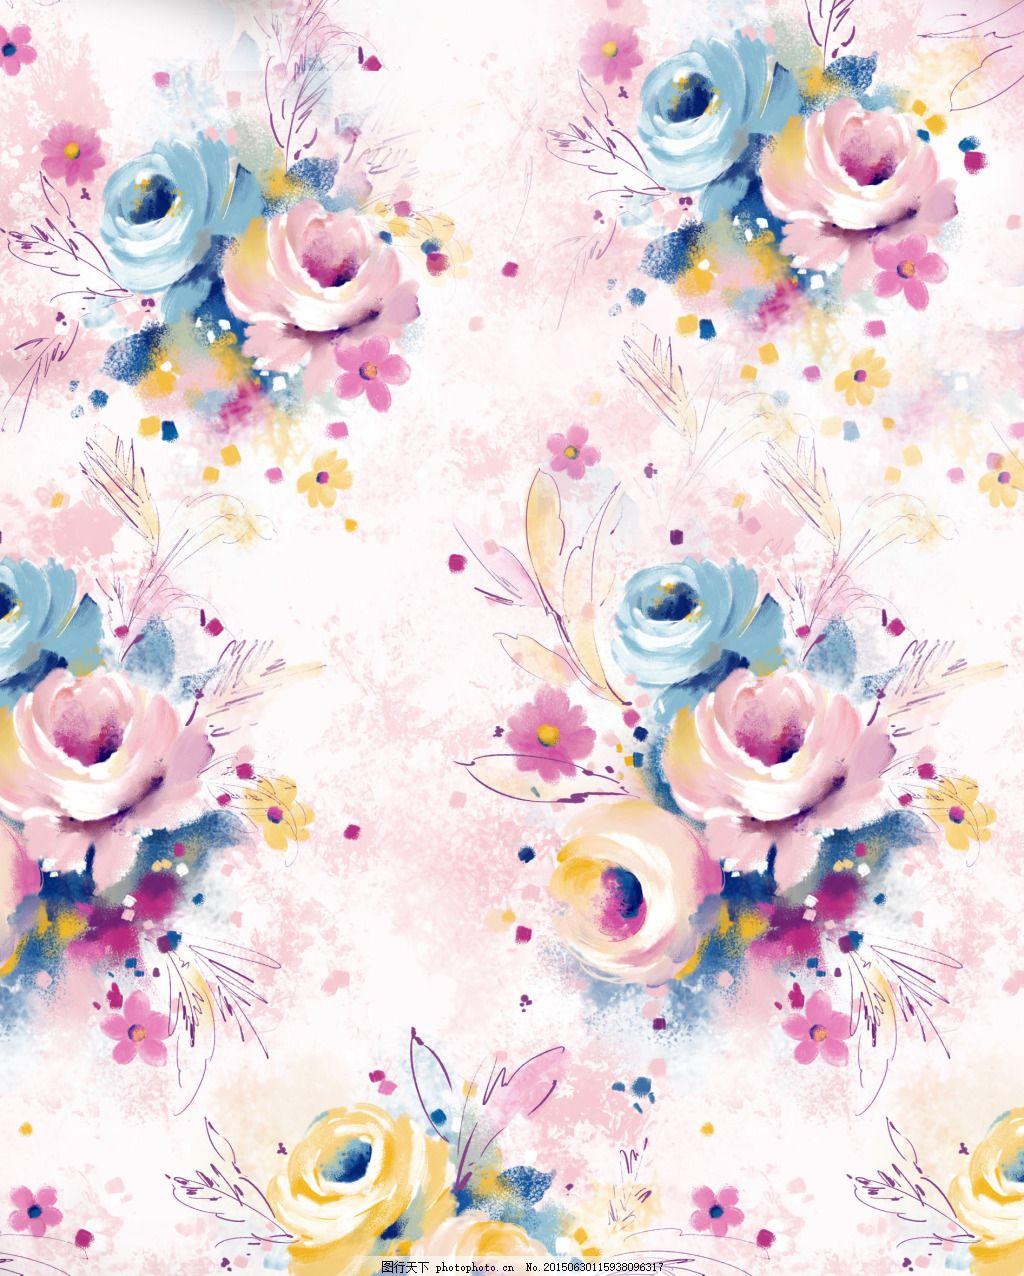 手绘花束 浪漫花卉 清新素材 手绘花 水墨画 花卉 花束     白色 jpg